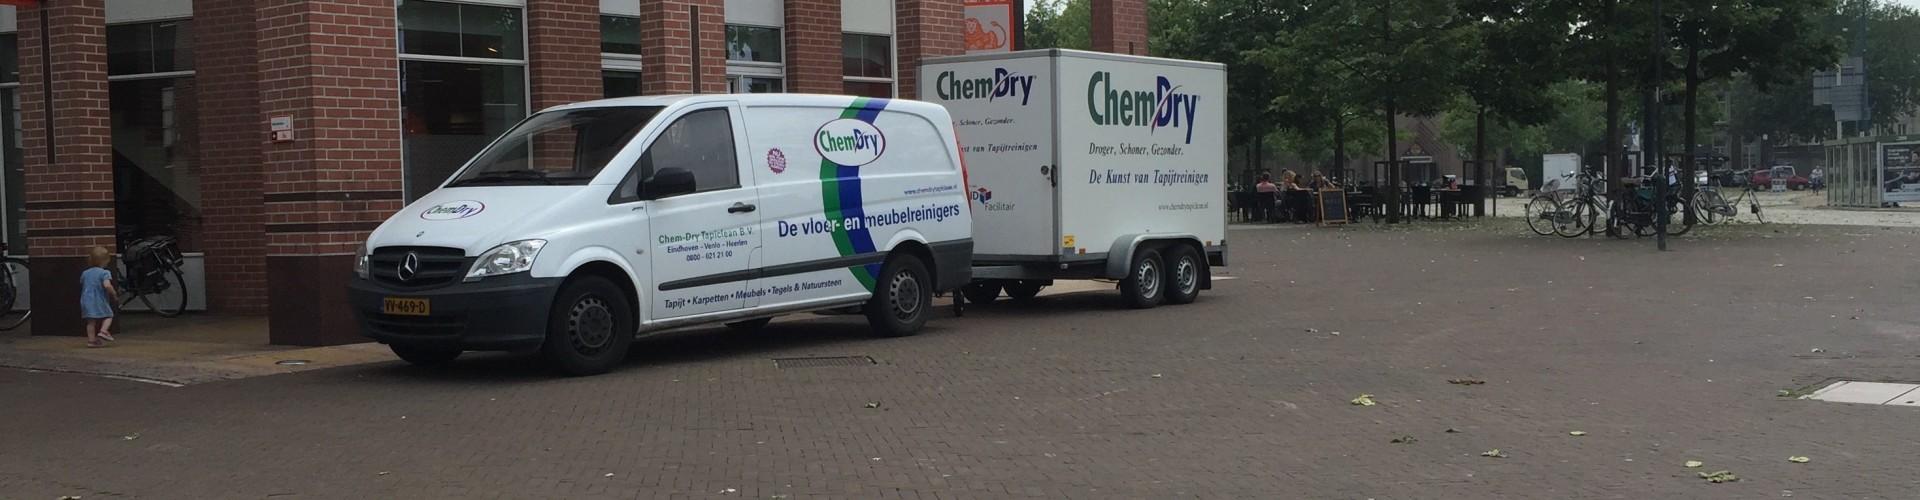 Chem-Dry Tapijtreiniging, Vloeronderhoud en Meubelreiniging Schoonmaakbedrijf Valkenswaard